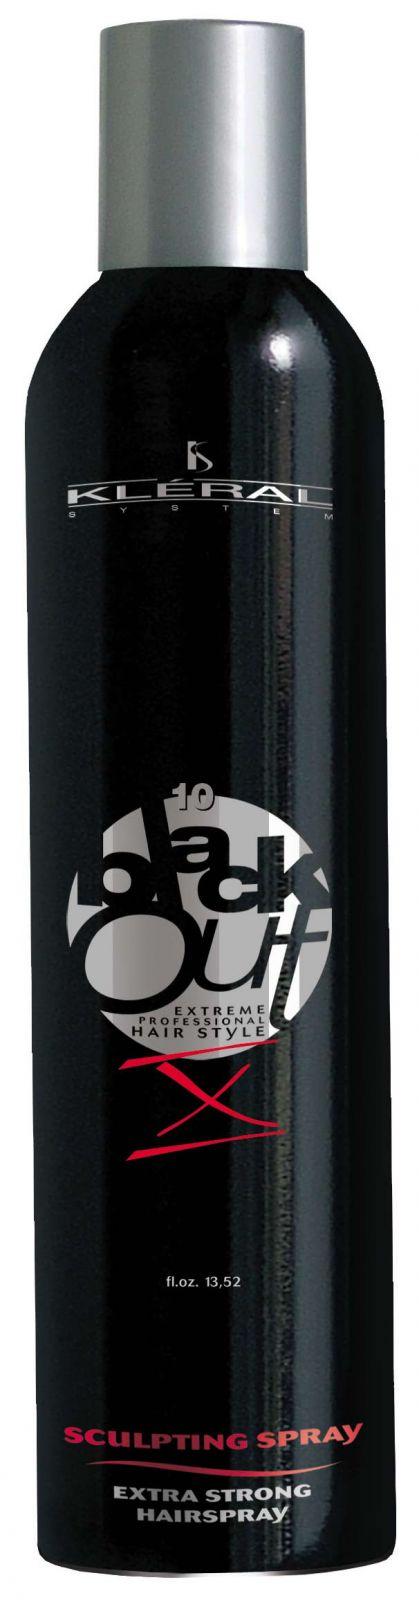 Kléral System Black Out Sculpting Spray X 400 ml - Profesionální extra silný vlasový sprej na vlasy.